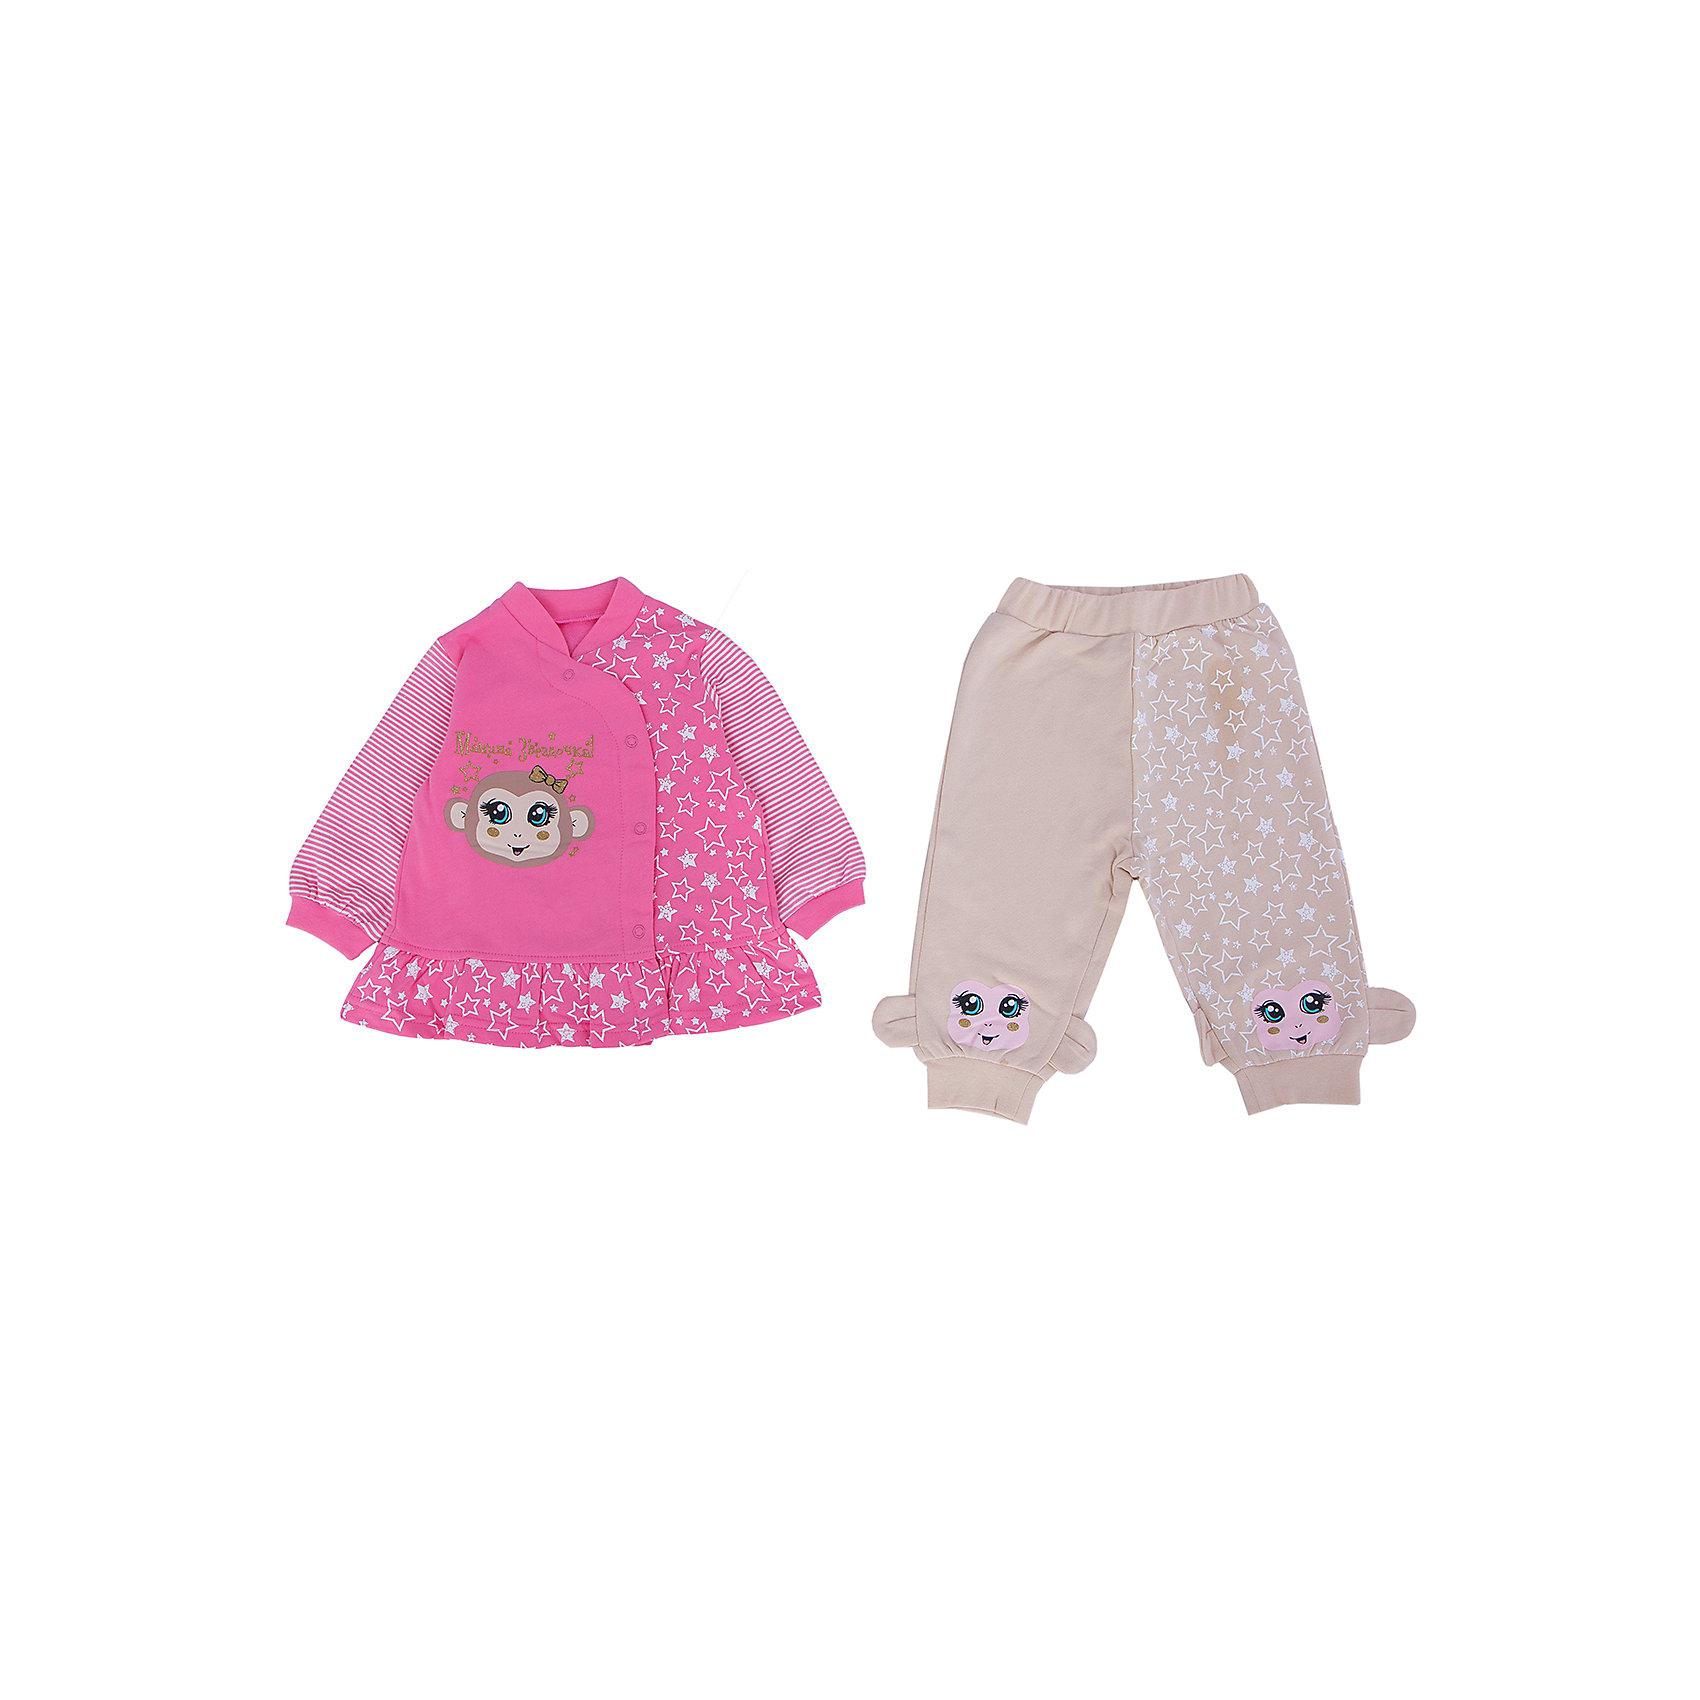 Комплект: кардиган и брюки  PELICANМодный комплект для девочки состоит из кардигана с длинным рукавом и брюк. Симпатичные брюки и кардиган помогут обеспечить малышу удобство и тепло. Удобный крой и качественный материал обеспечат ребенку комфорт при ношении этих вещей. <br>Брюки украшены принтом в виде мордочки обезьянки. Кардиган - также. Материал - легкий, отлично подходит для детской одежды, состоит из дышащего натурального хлопка с начесом. Очень приятен на ощупь, не вызывает аллергии.<br><br>Дополнительная информация:<br><br>материал: 100% хлопок,;<br>цвет: розовый;<br>декорирован с принтом.<br><br>Комплект для девочки от бренда PELICAN (Пеликан) можно купить в нашем магазине.<br><br>Ширина мм: 157<br>Глубина мм: 13<br>Высота мм: 119<br>Вес г: 200<br>Цвет: розовый<br>Возраст от месяцев: 6<br>Возраст до месяцев: 9<br>Пол: Унисекс<br>Возраст: Детский<br>Размер: 74,80,68<br>SKU: 4805215